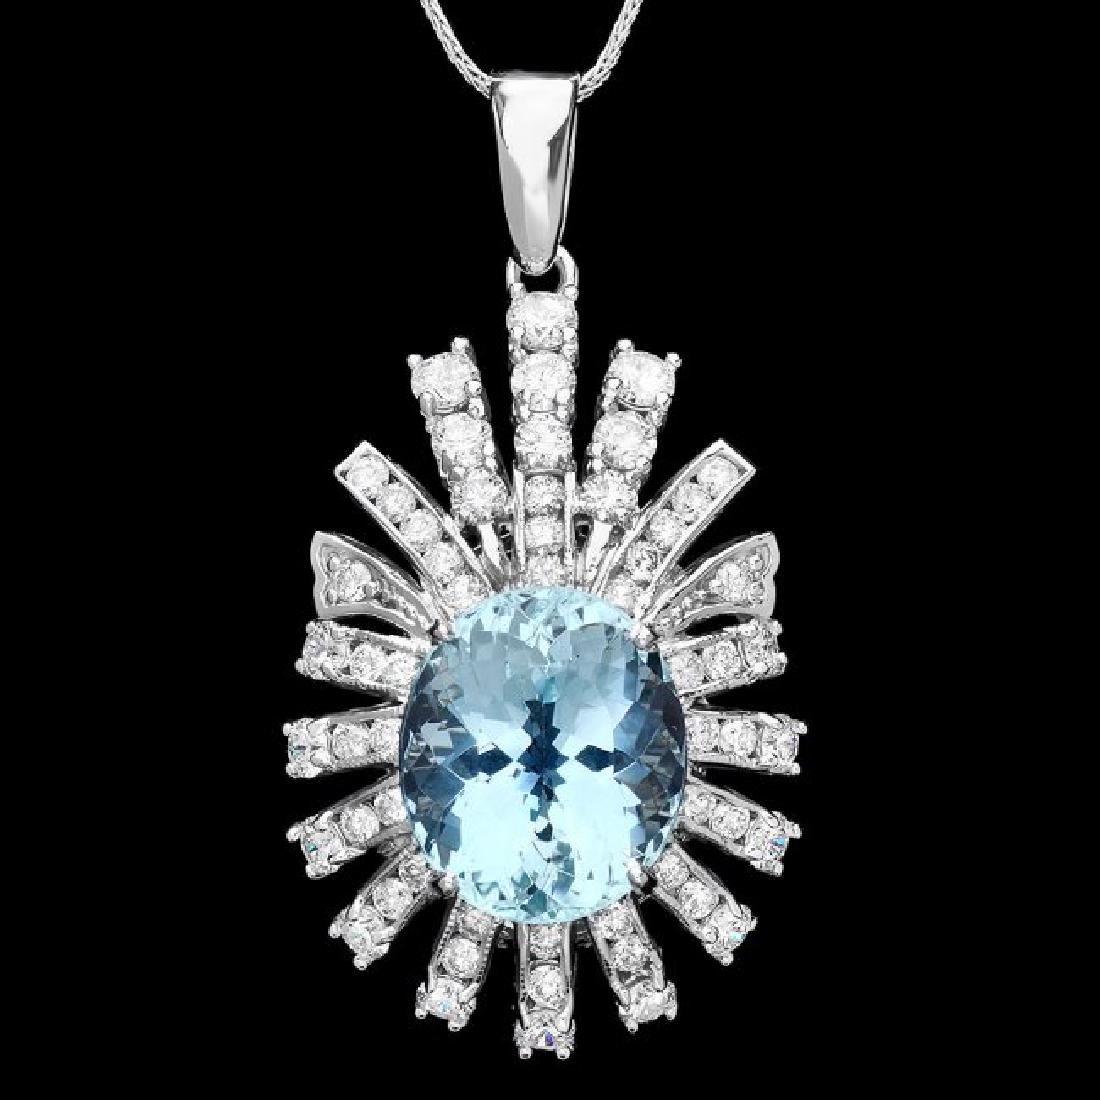 14k Gold 8ct Aquamarine 2.50ct Diamond Pendant